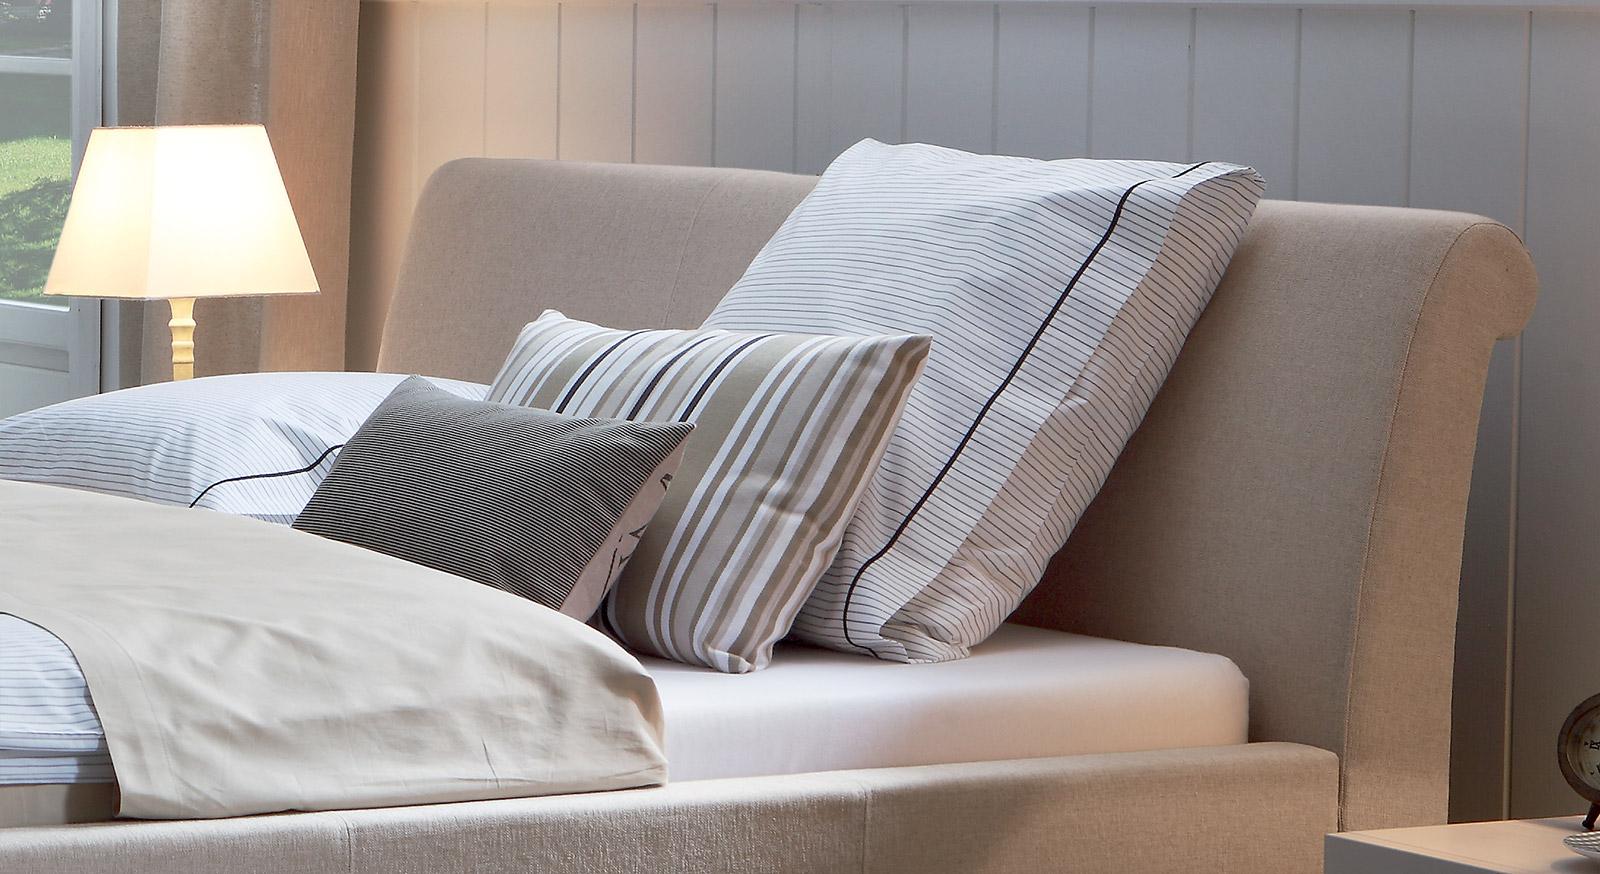 bett 200x220 holz top excellent ostermann betten angebote ostermann bett massivholz x studium. Black Bedroom Furniture Sets. Home Design Ideas